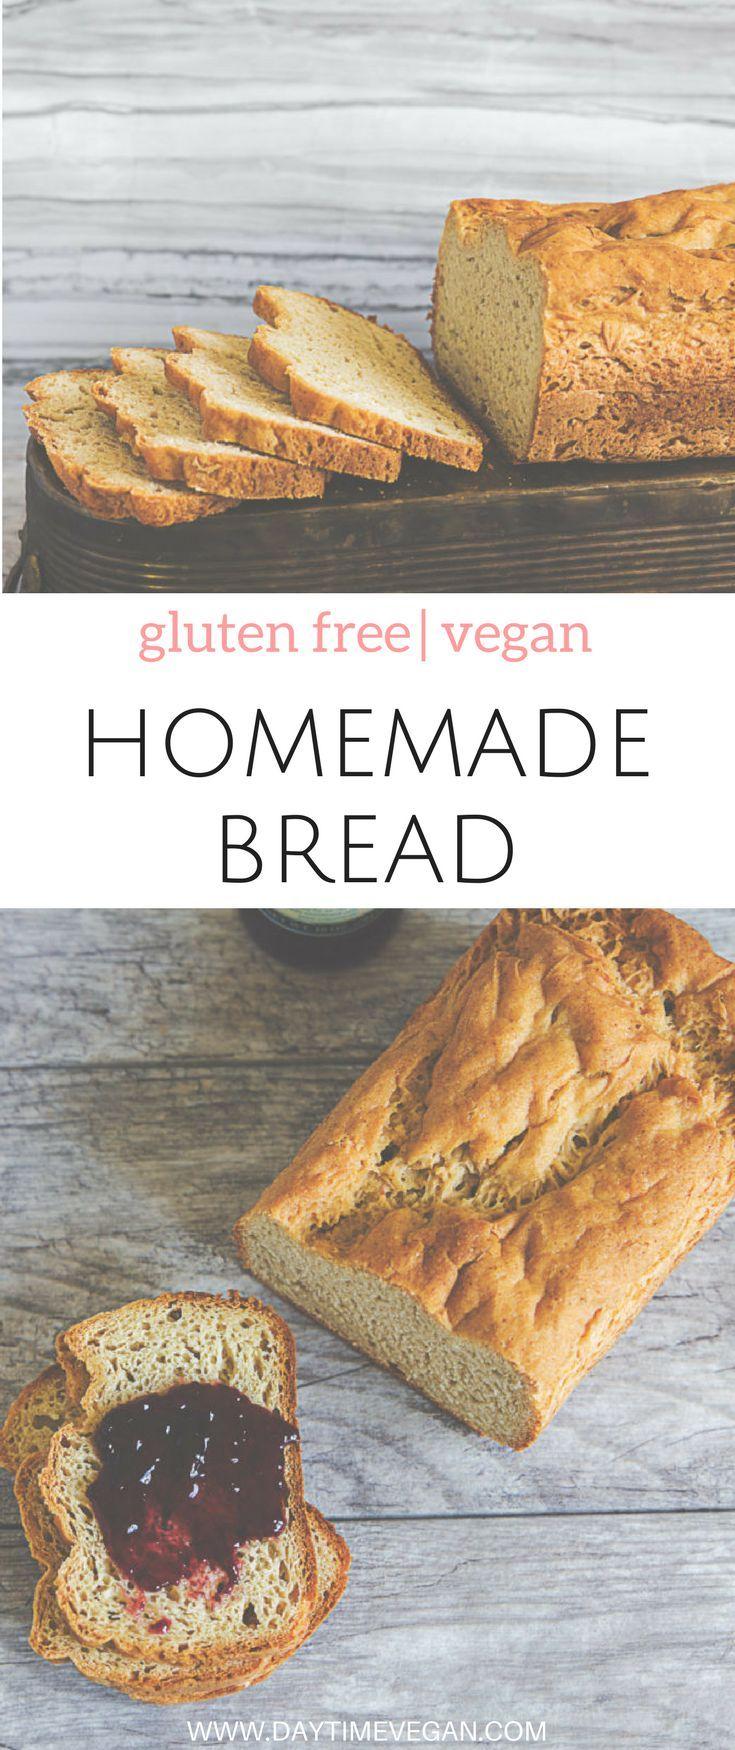 Receta fácil de pan casero vegano y sin gluten | Recetas veganas fáciles para principiantes ...